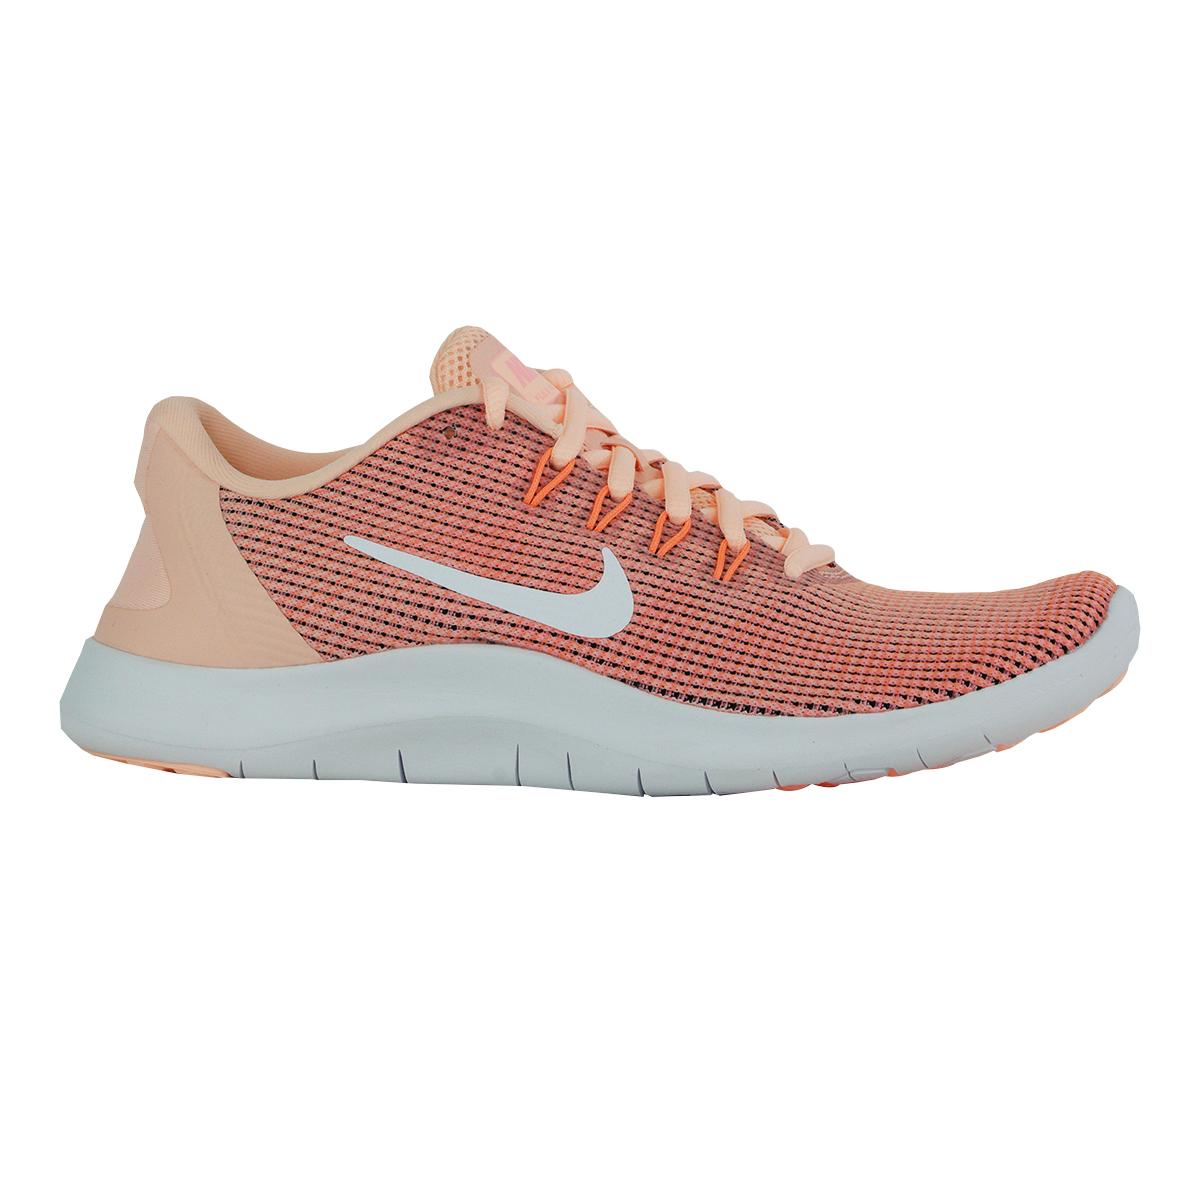 Nike Flex RN 2018 Women's Running Shoe crimson tintwhite pink tint AA7408 800